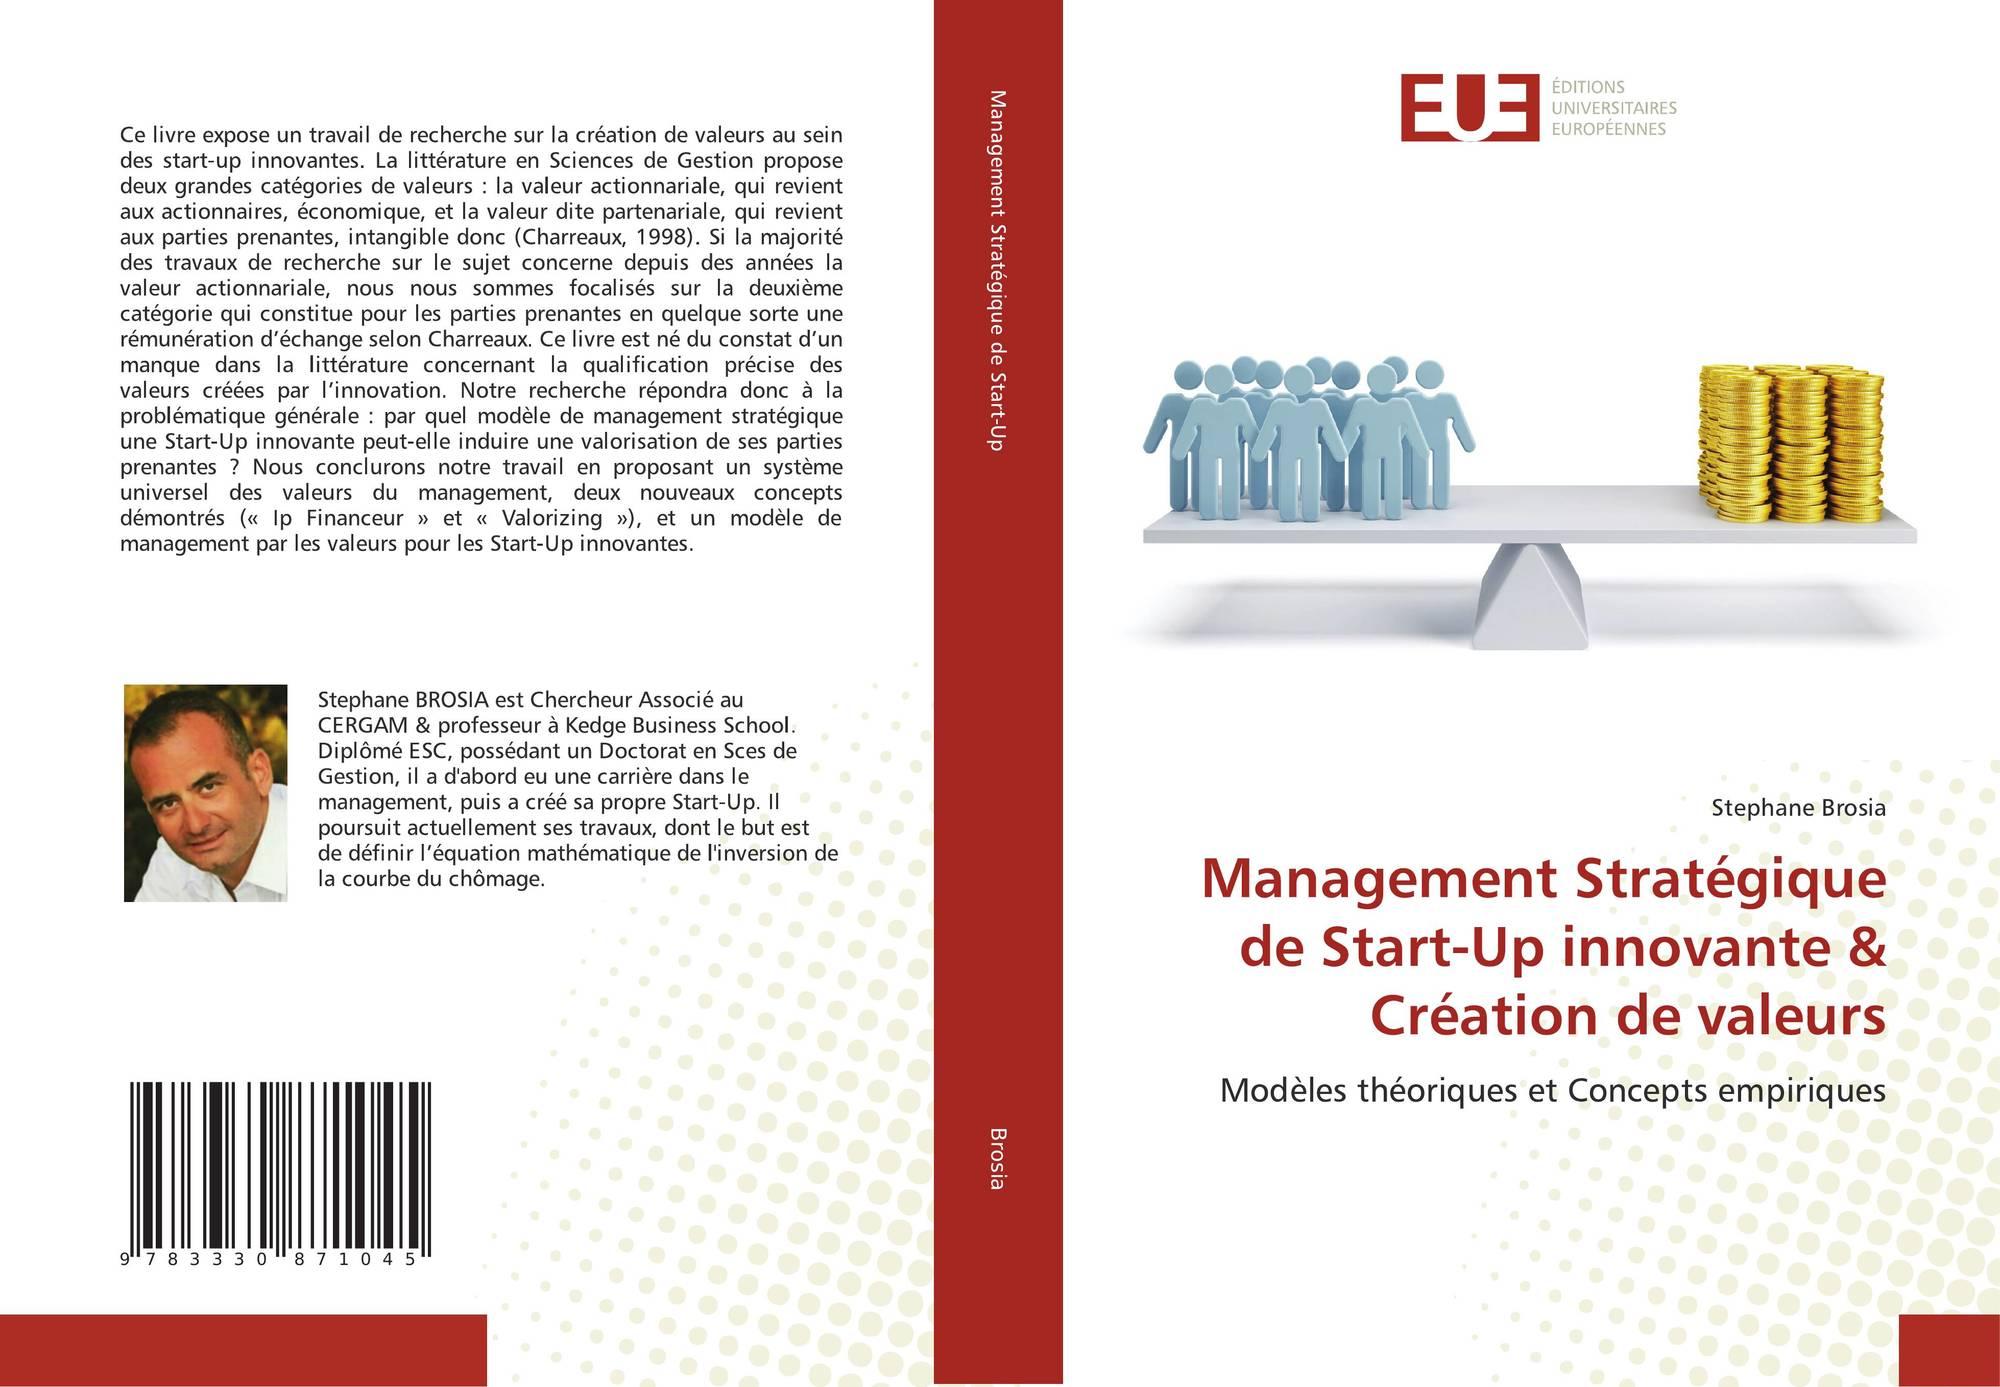 management strat gique de start up innovante cr ation de